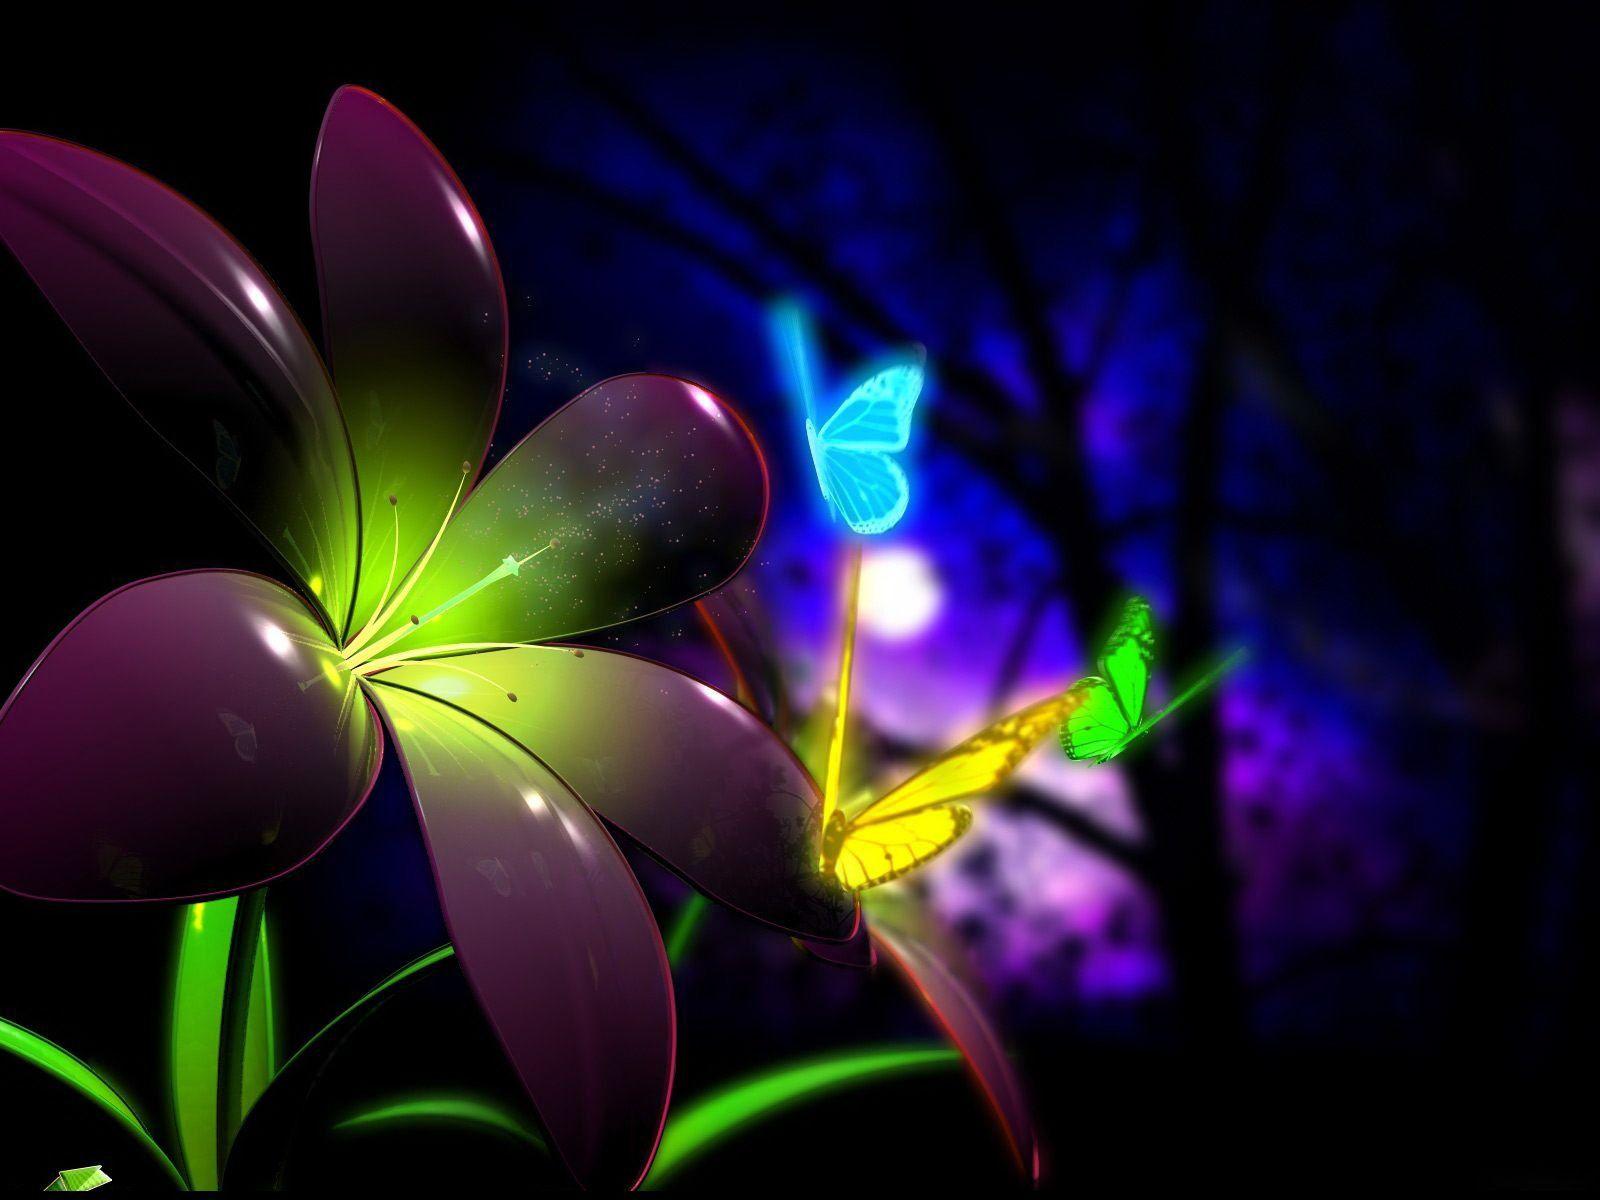 Wallpapers papillon hd le color de fleur x fonds d cran photo 1366x768 - Fond D Cran Hd Paysage